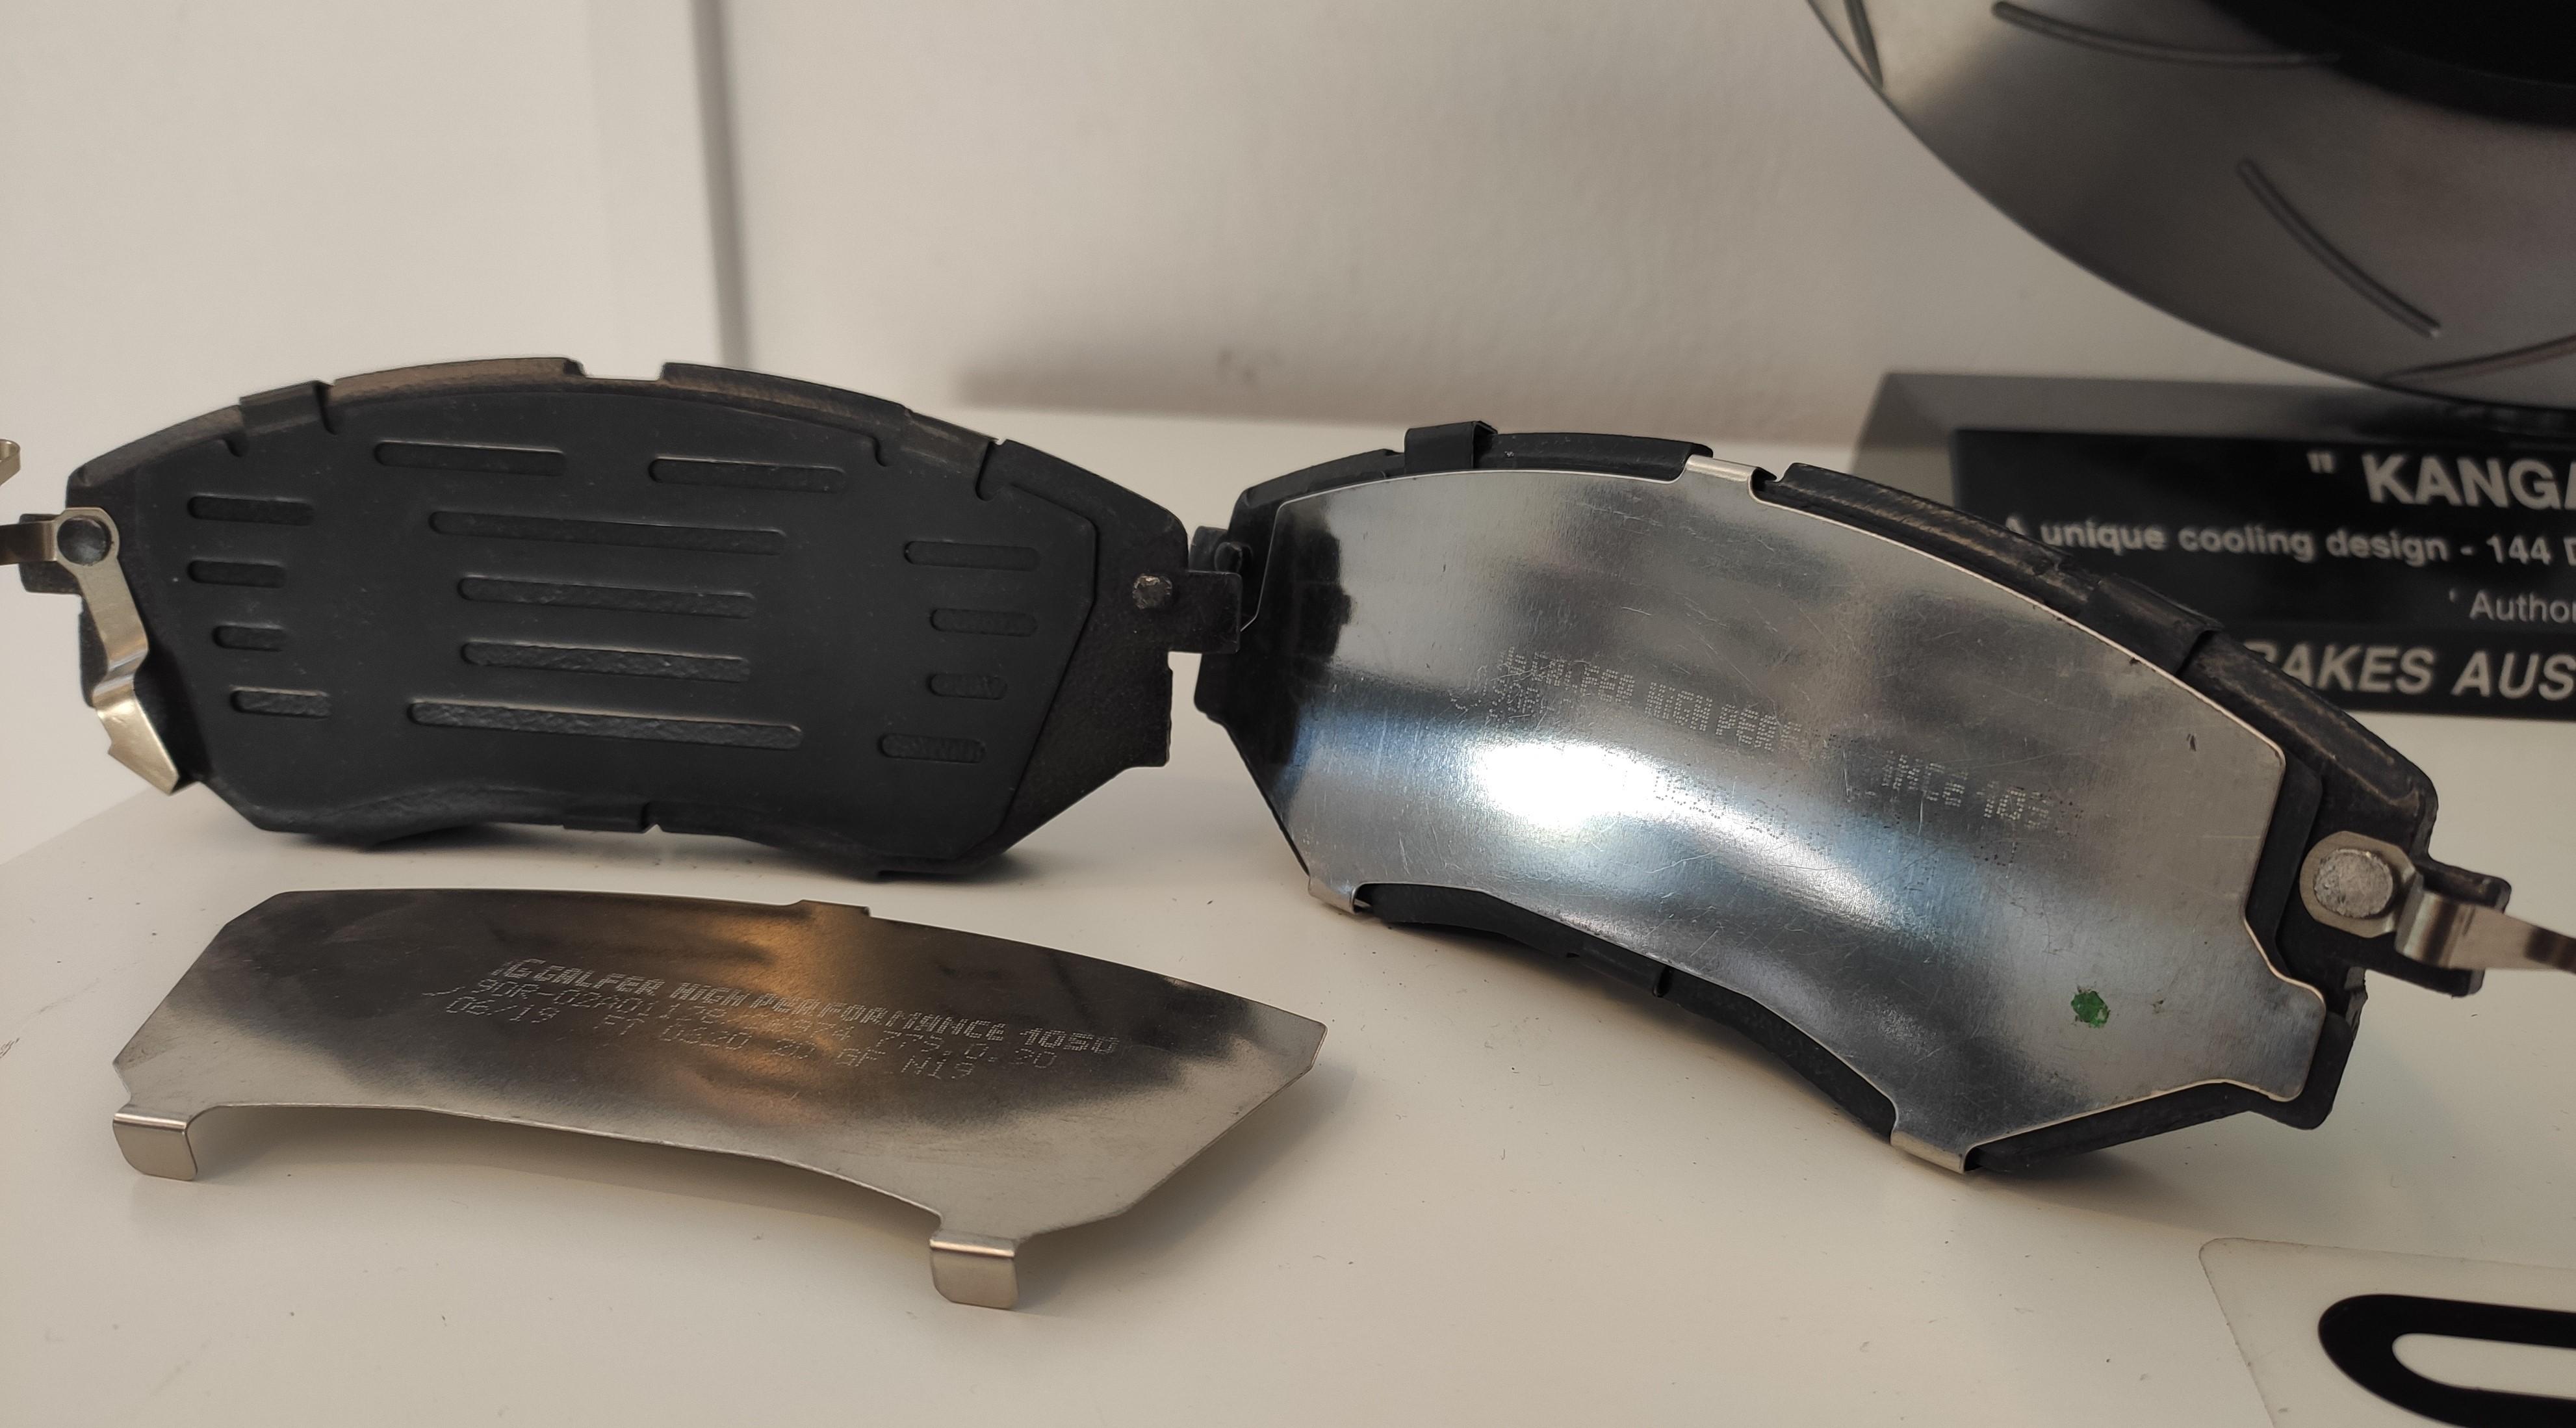 Podkładki antywibracyjne, które są oddzielnym elementem, warto zauważyć, że te klocki posiadają 2 rodzaje podkładek - na zdjęciu Galfer Sport FDHP1050